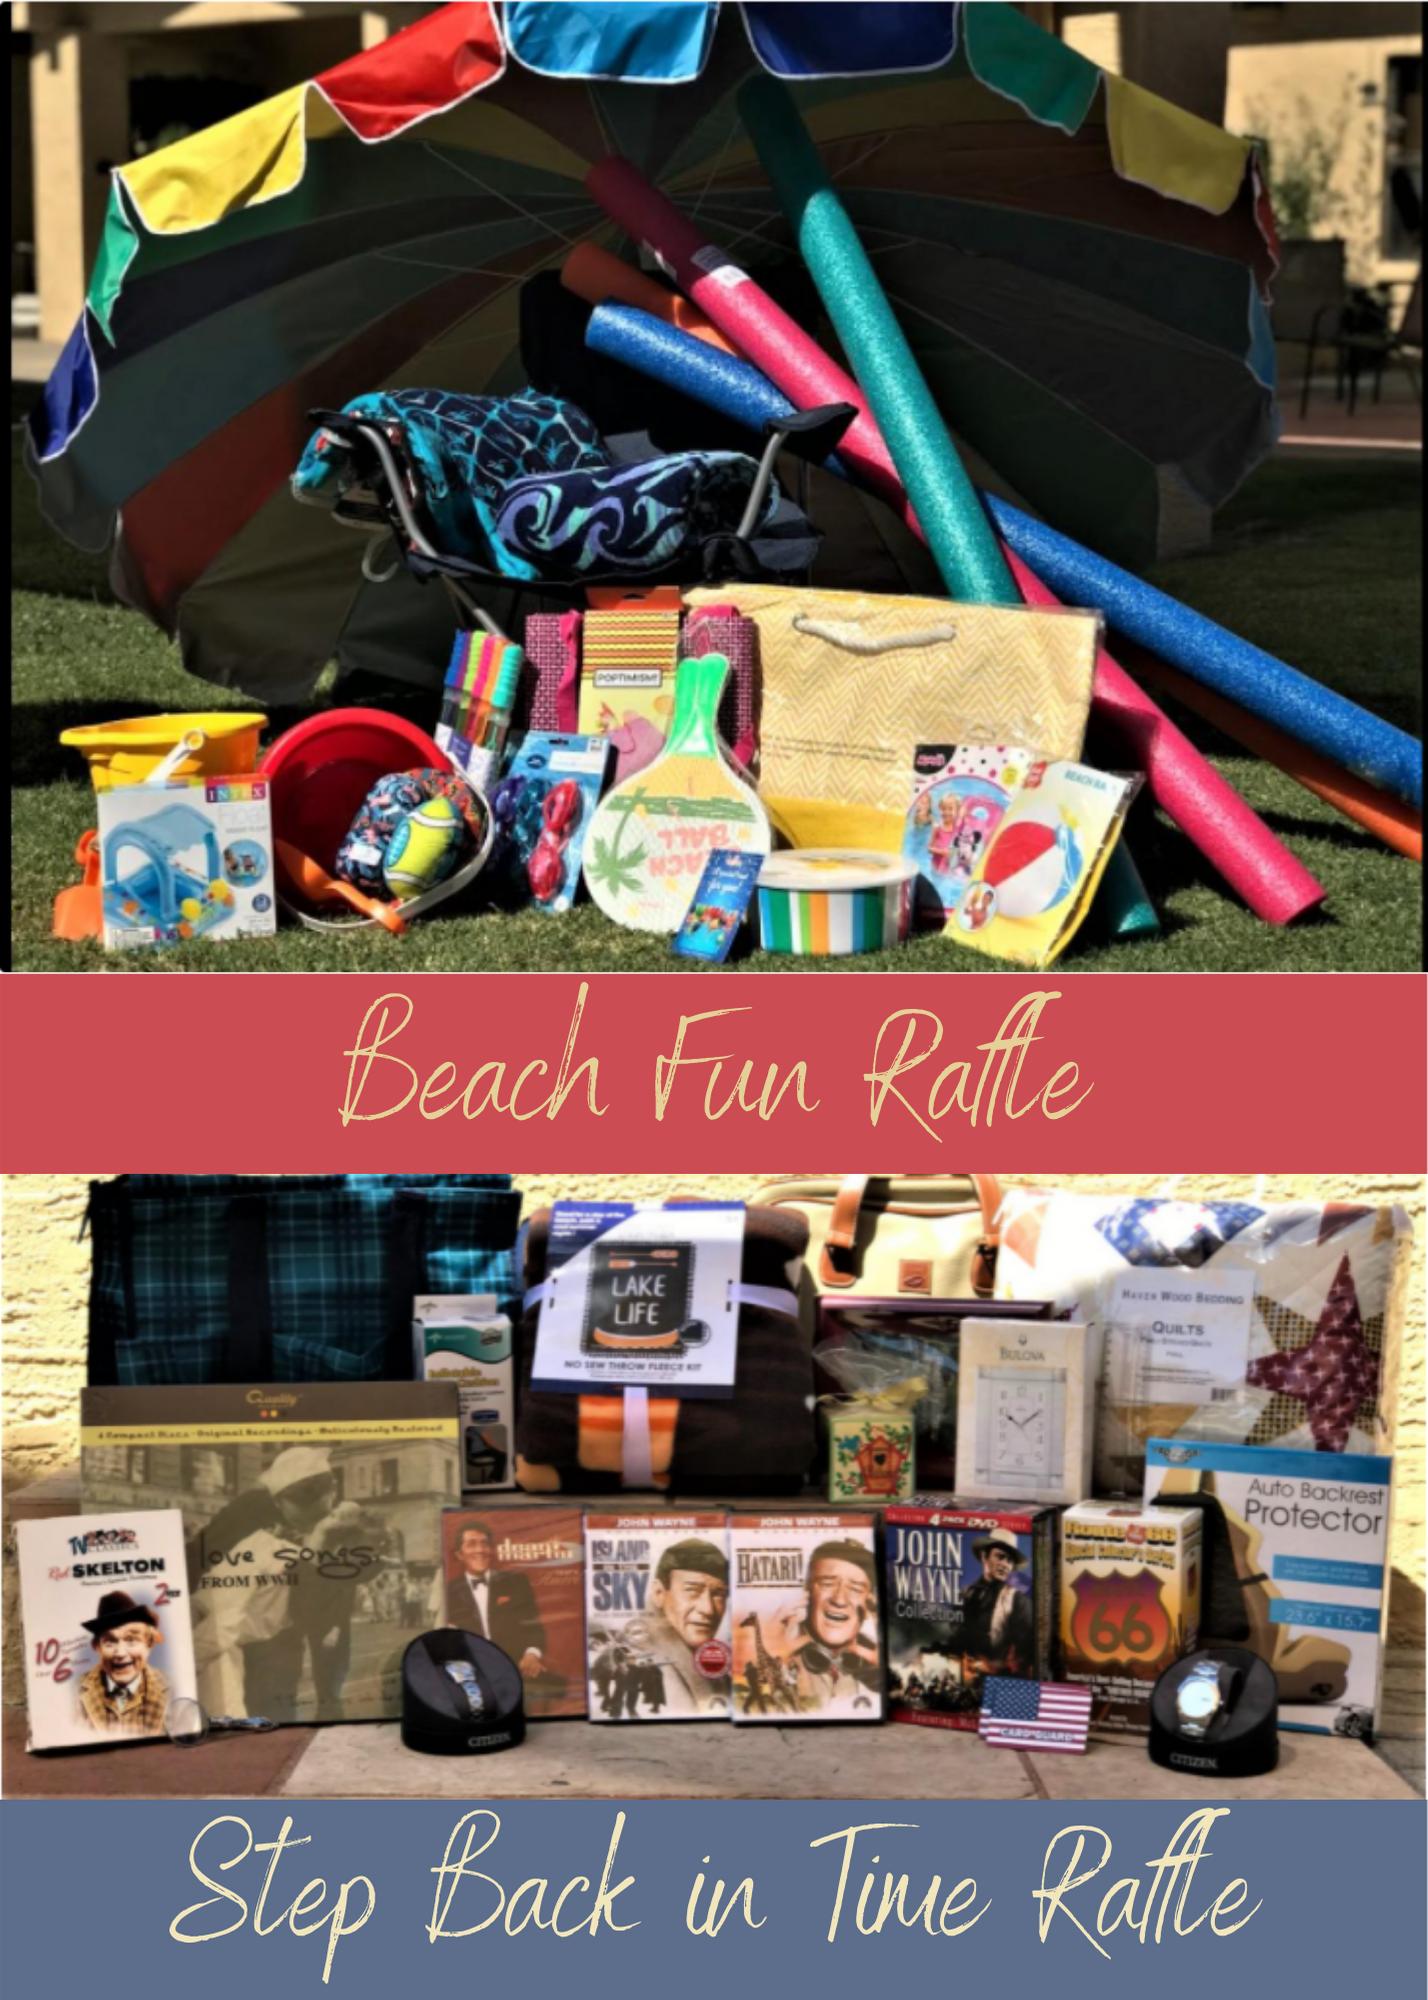 Beach Fun Raffle Announcement